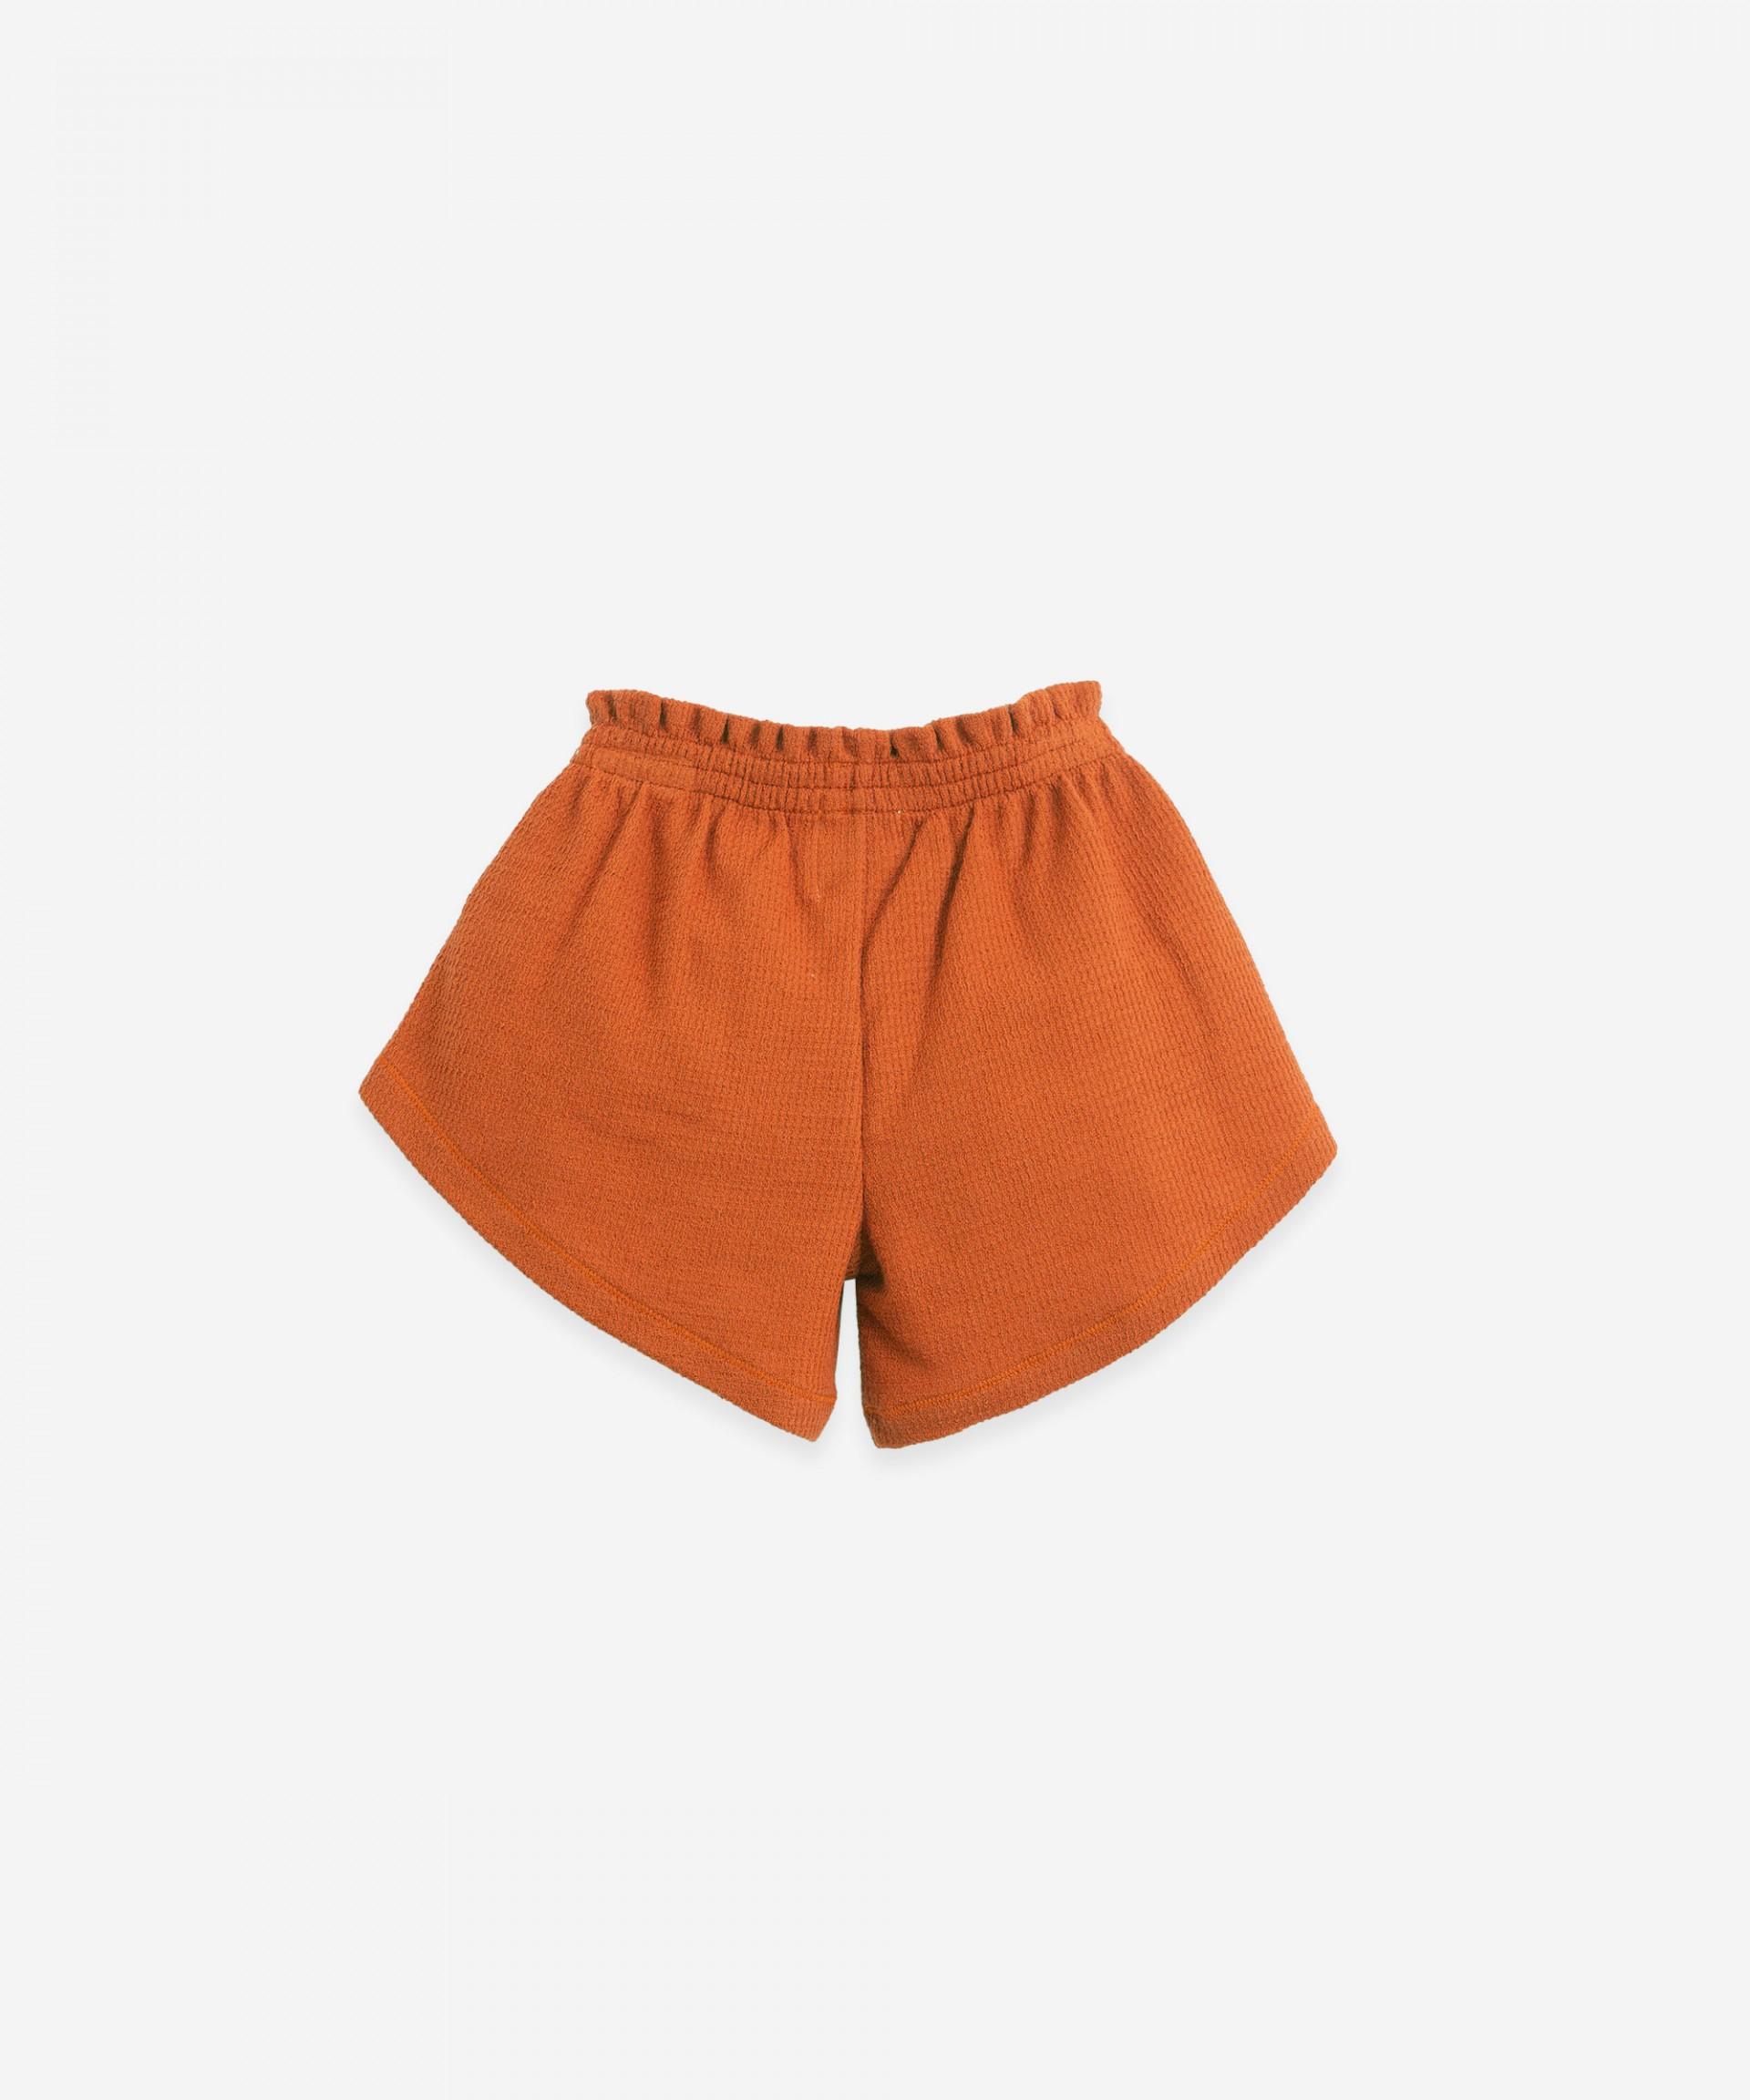 Pantalón corto con lazo decorativo | Botany